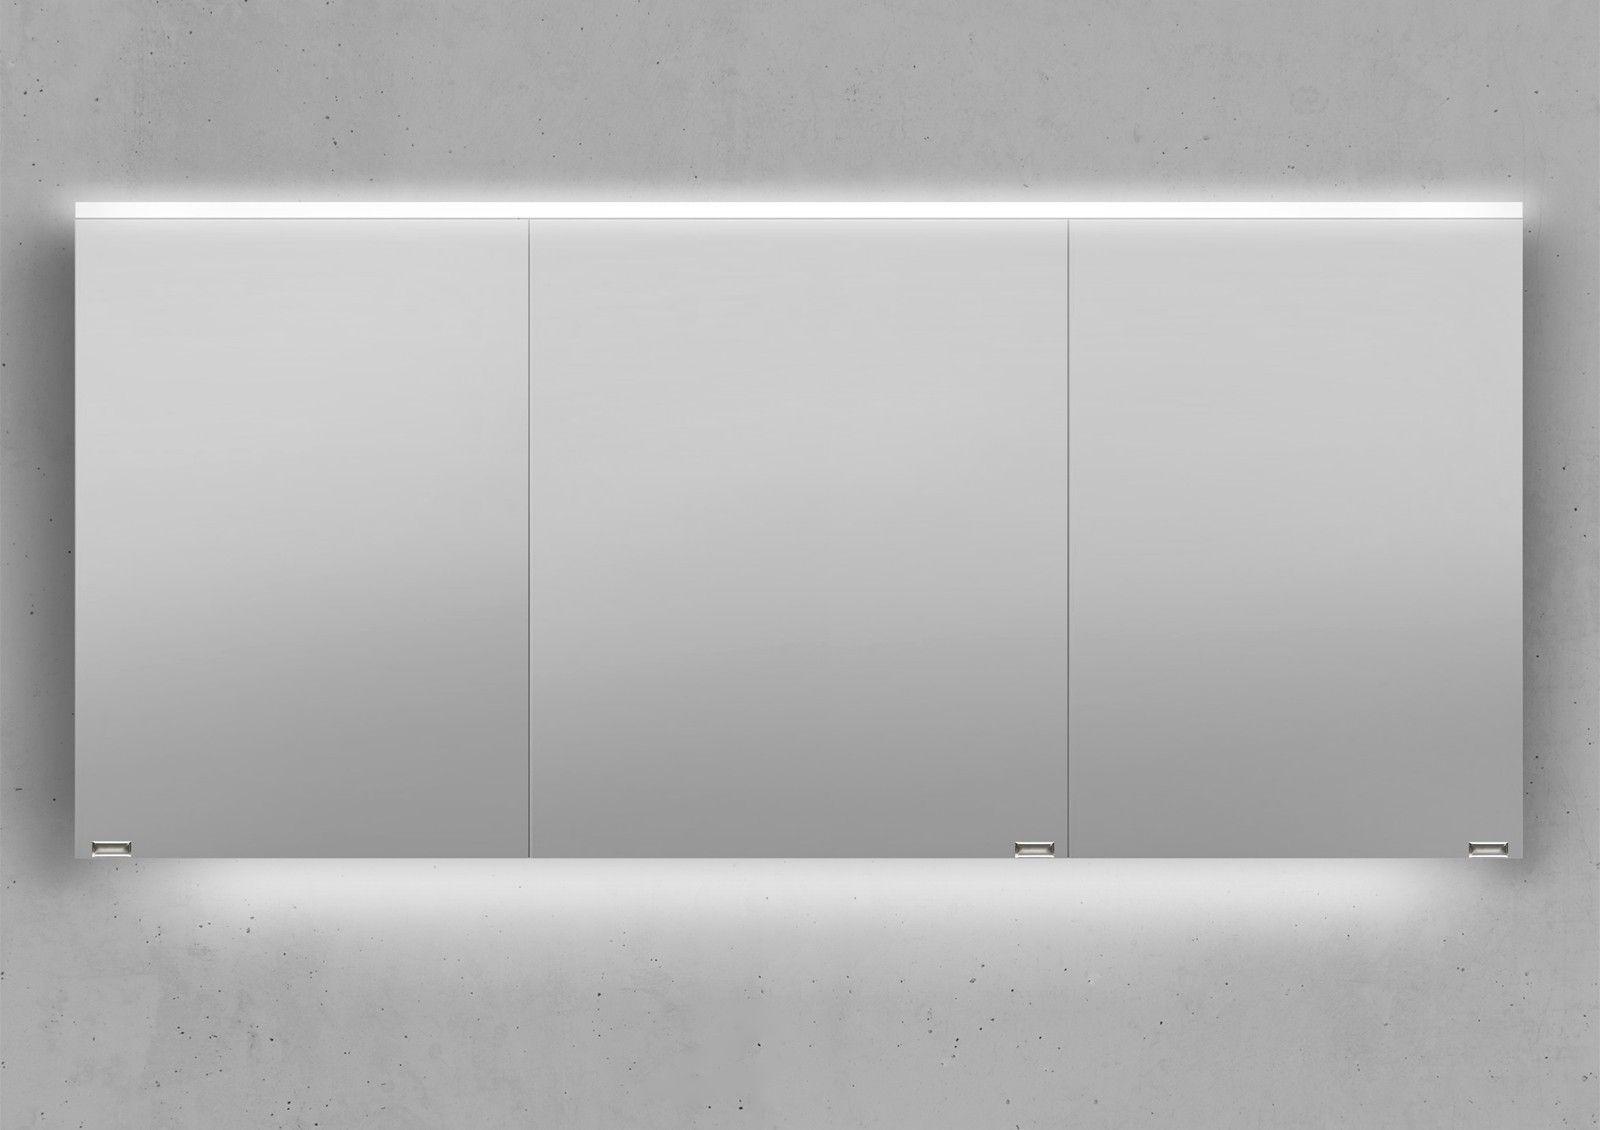 Design Spiegelschrank Mit Beidseitig Verspiegelten T Ren Inkl T Rd Mpfungen Ma E B H T 1600 718 130 Mm Im Inneren Des Spi In 2020 Bathroom Home Decor Decor